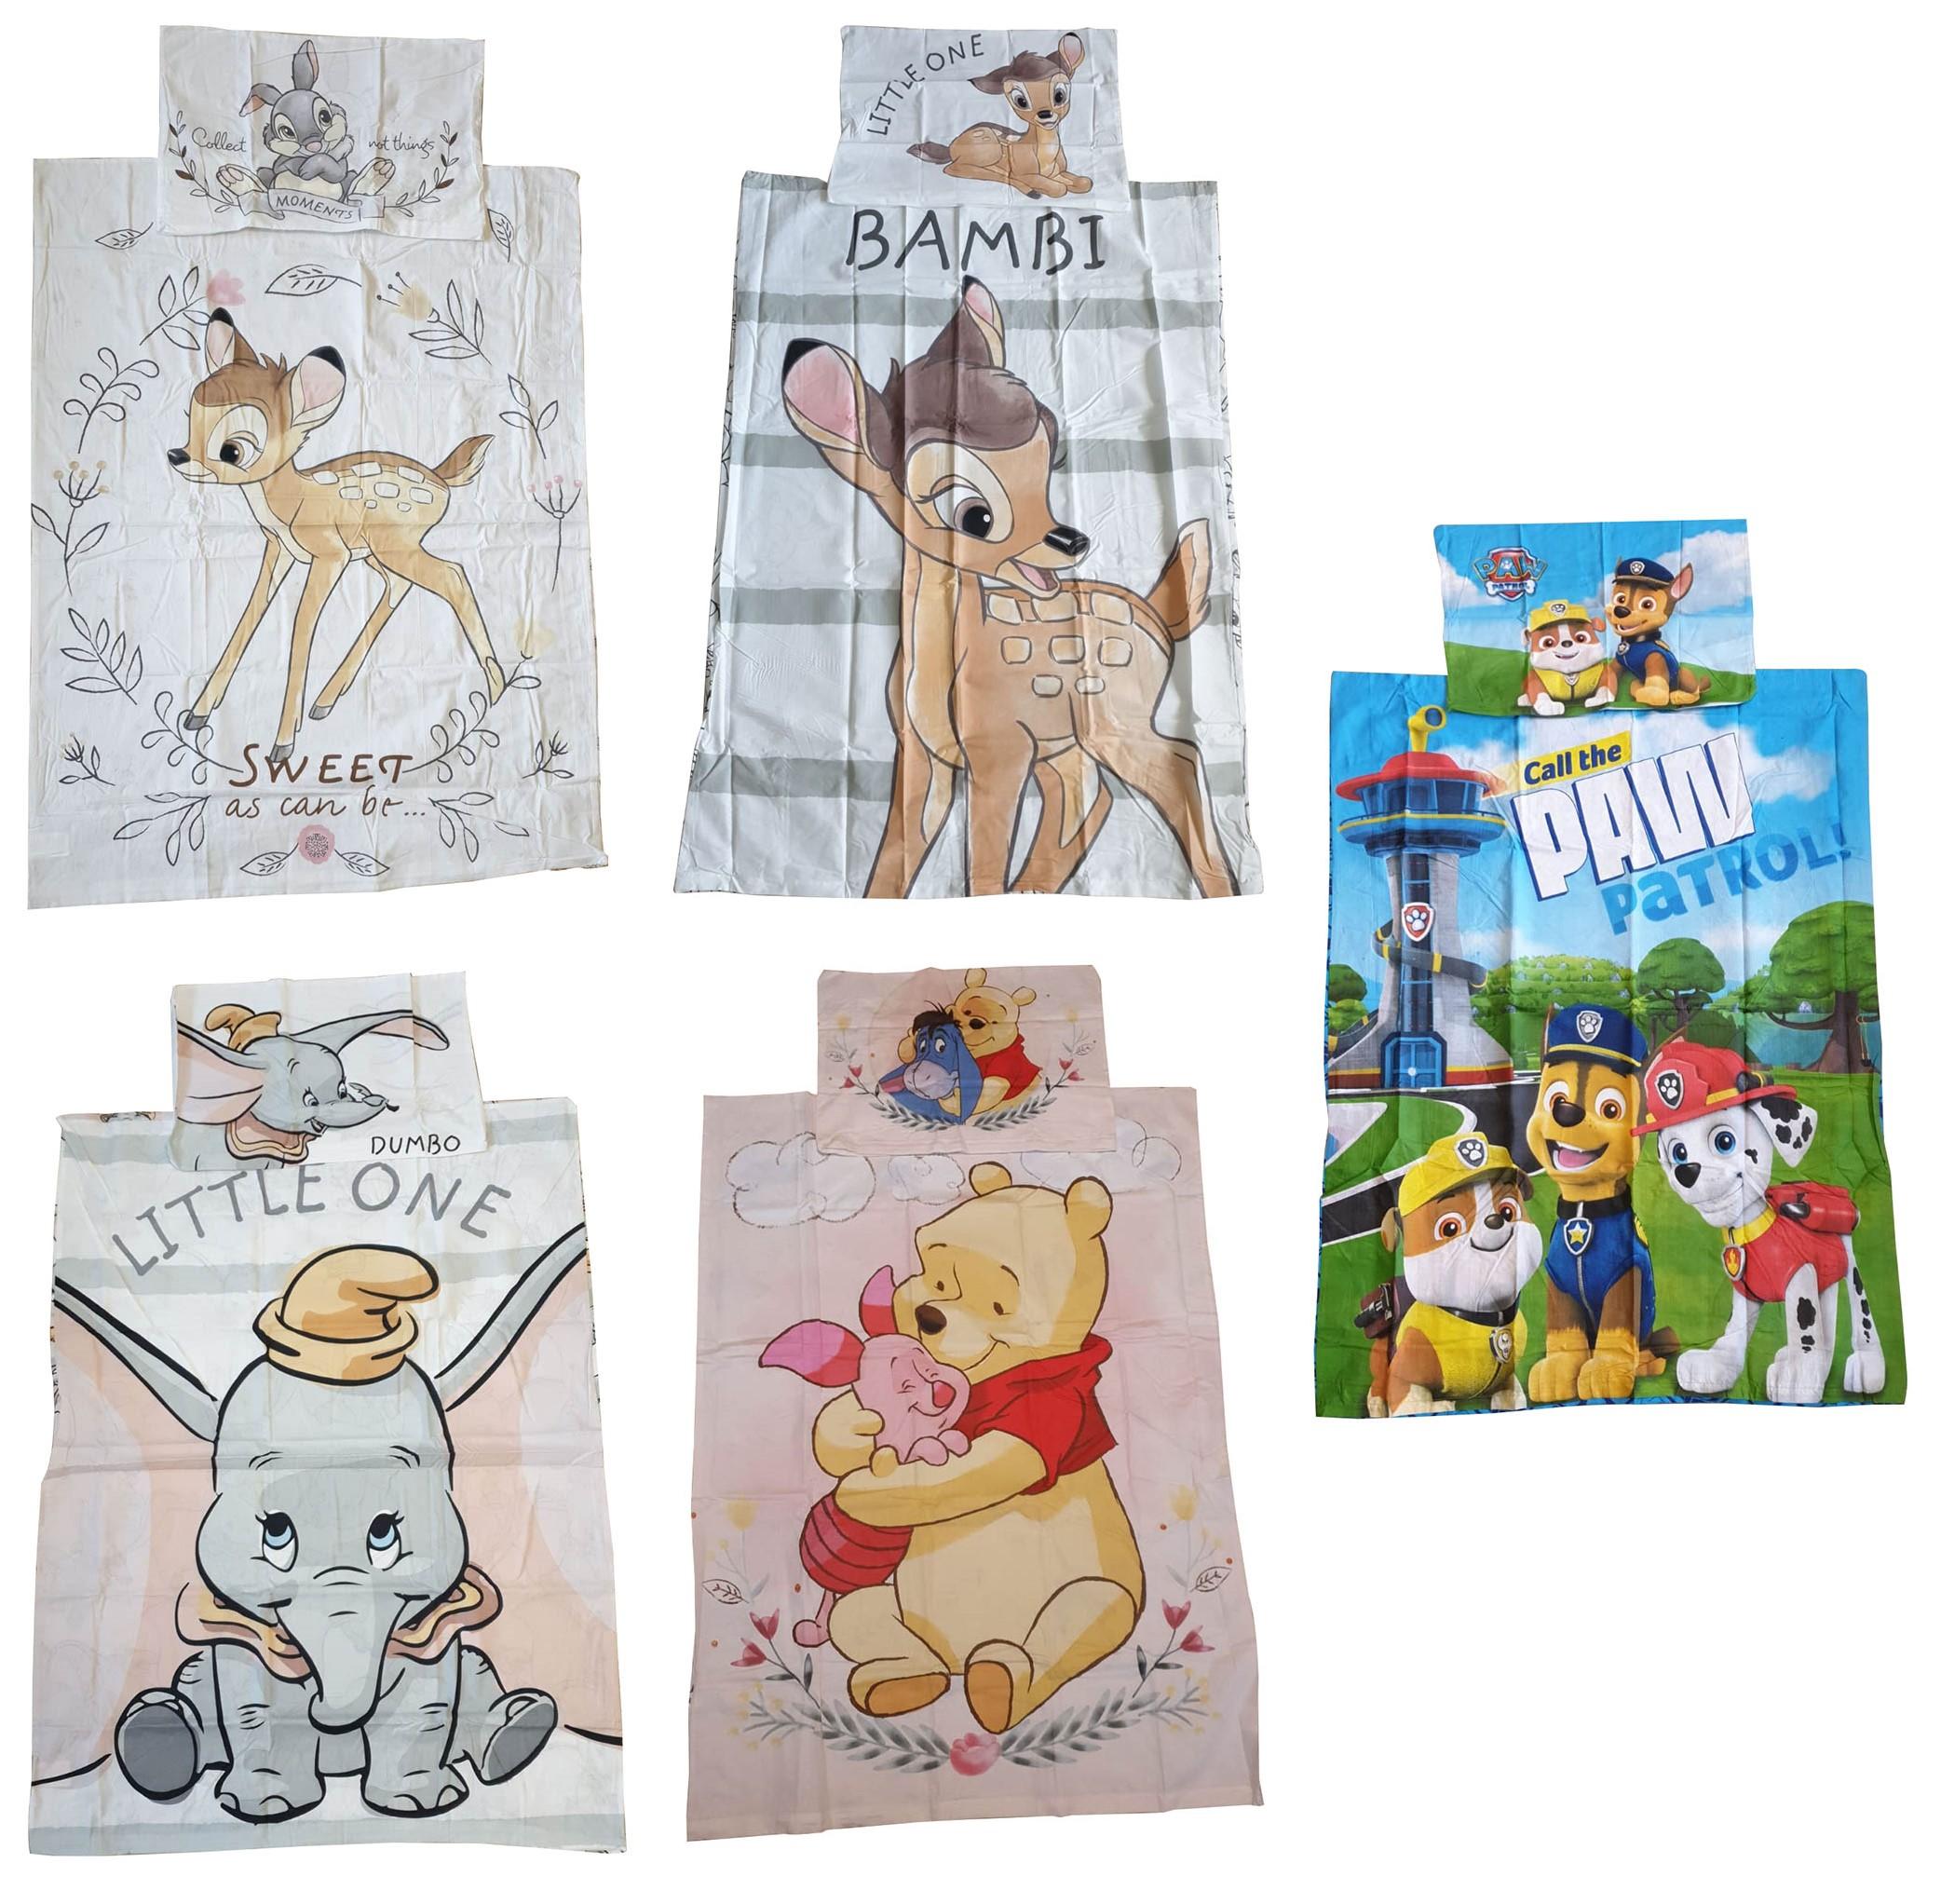 Baby Kinderbettwäsche Winnie Puuh Bambi Dumbo Paw Patrol 100 % Baumwolle (Auswahl)